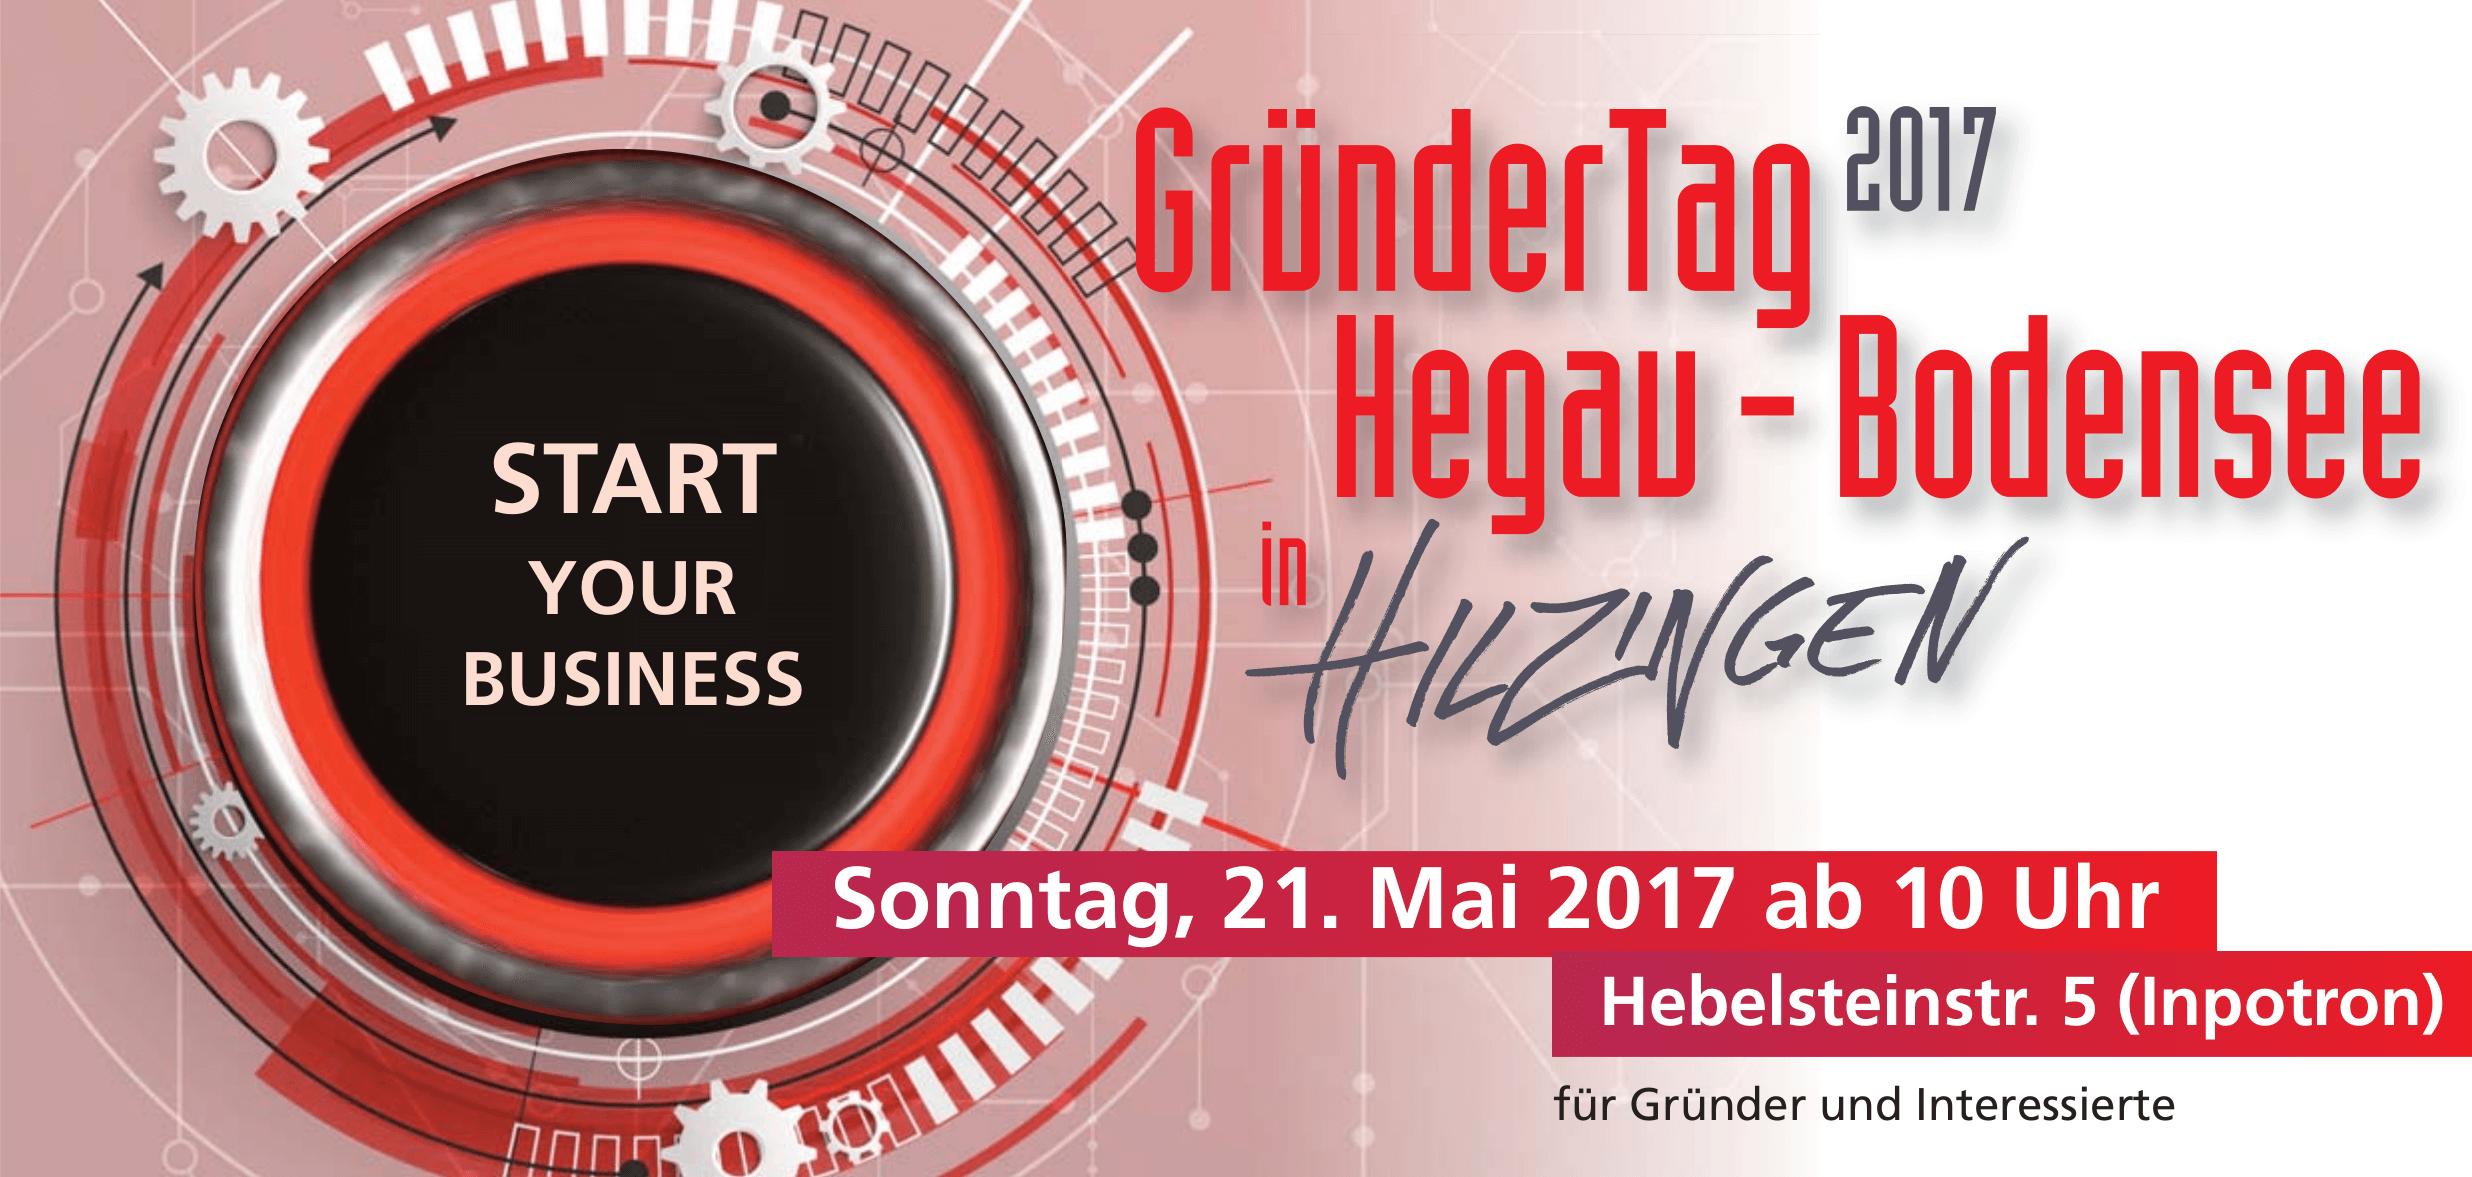 """Gründertag Hegau-Bodensee am 21. Mai 2017 in Hilzingen - mit PR-Seminar für Existenzgründer """"Wie kommt mein Unternehmen in die Zeitung?"""" mit Dozent Holger Hagenlocher"""